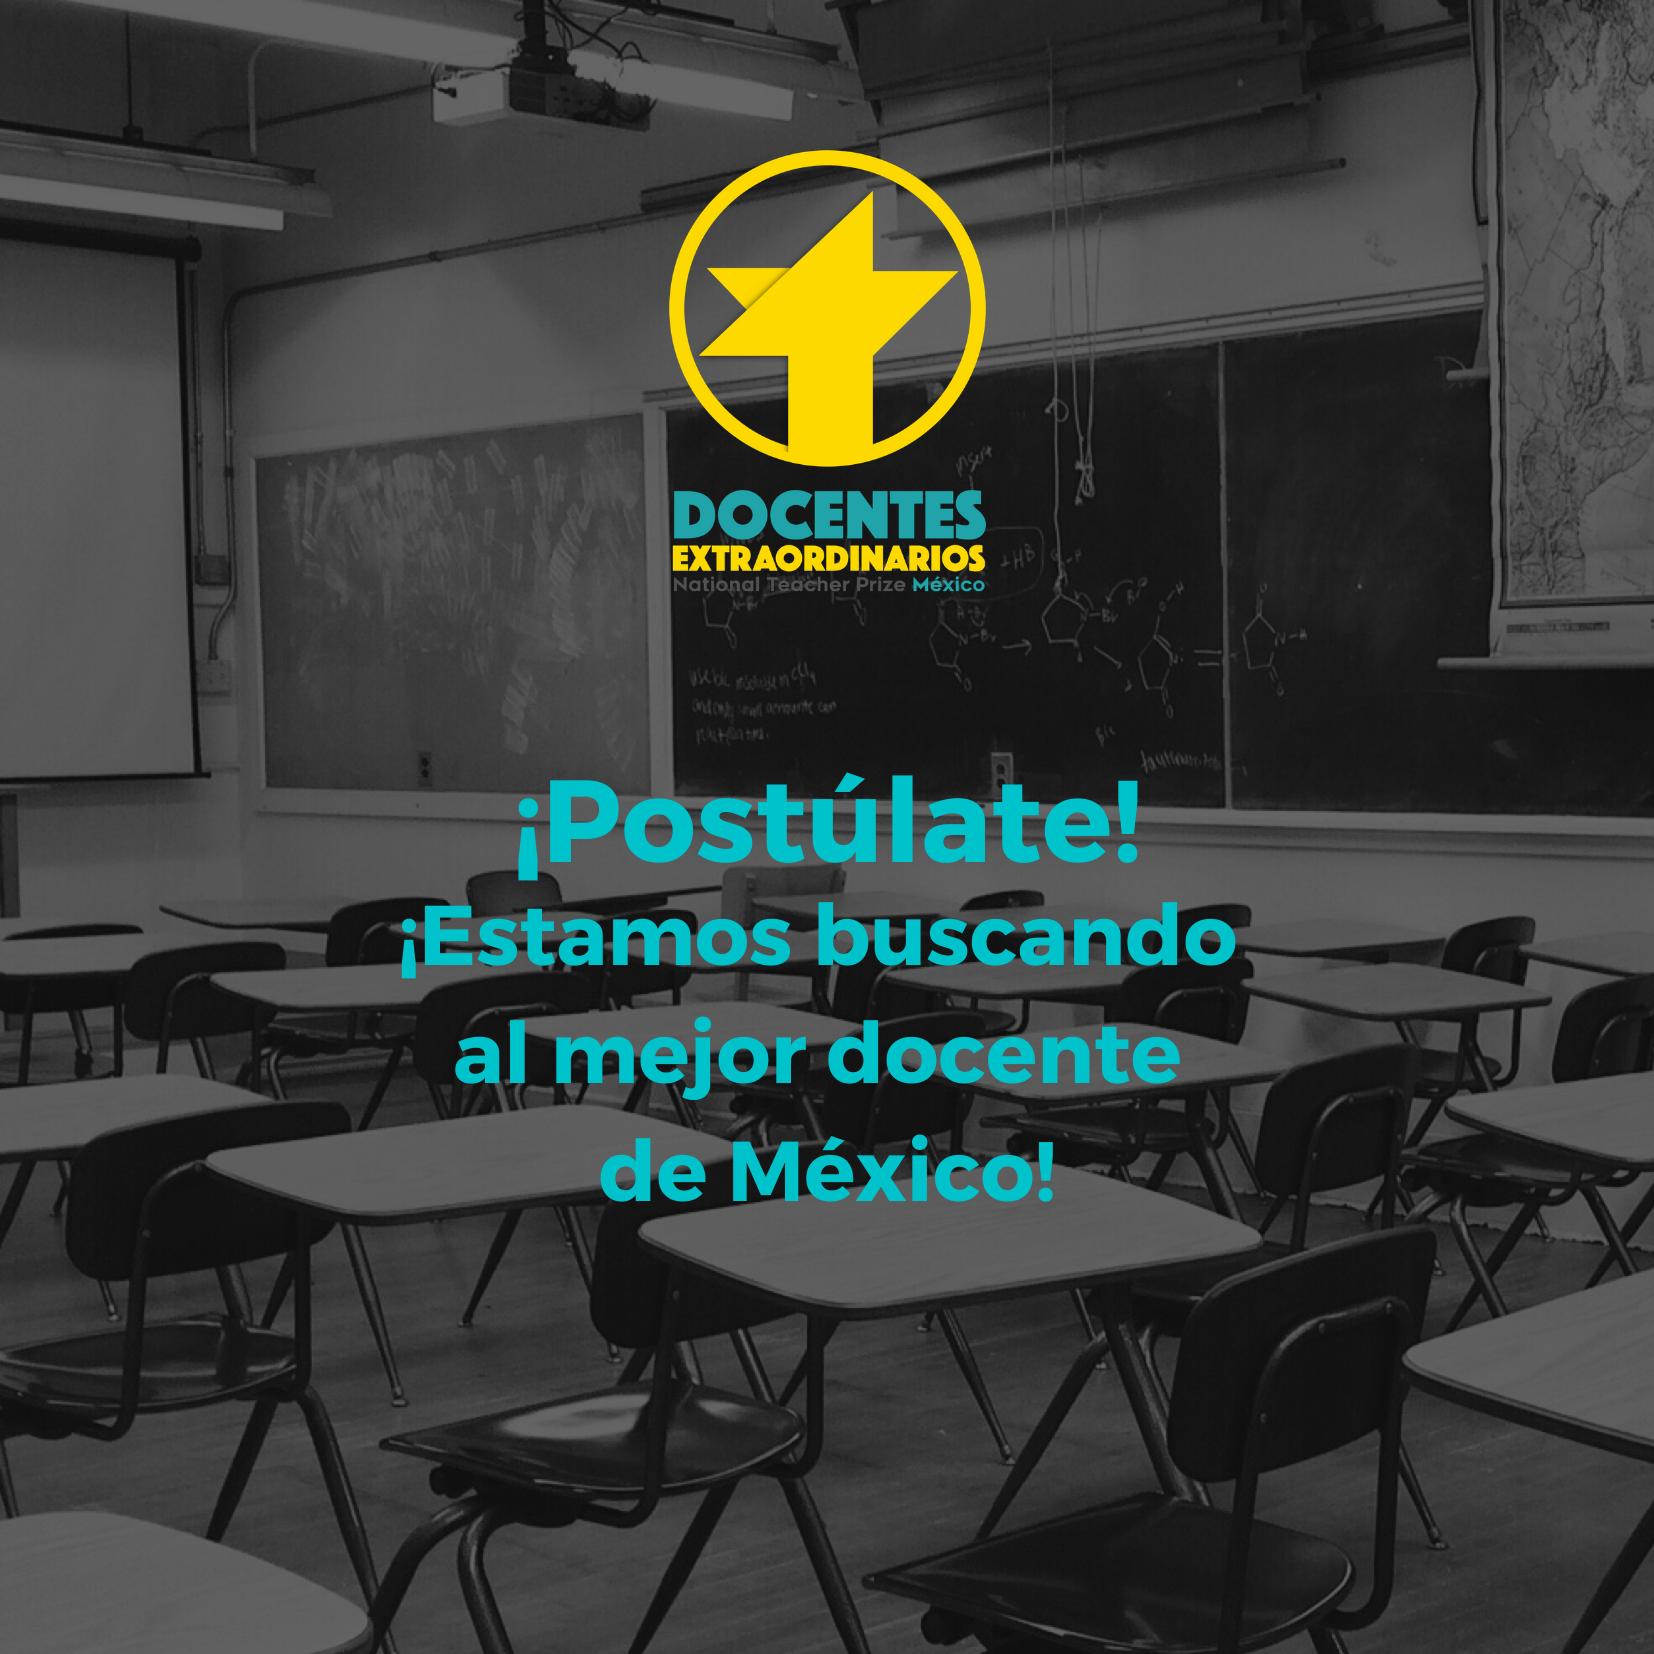 ¡Estamos buscando al mejor docente de México! (1)